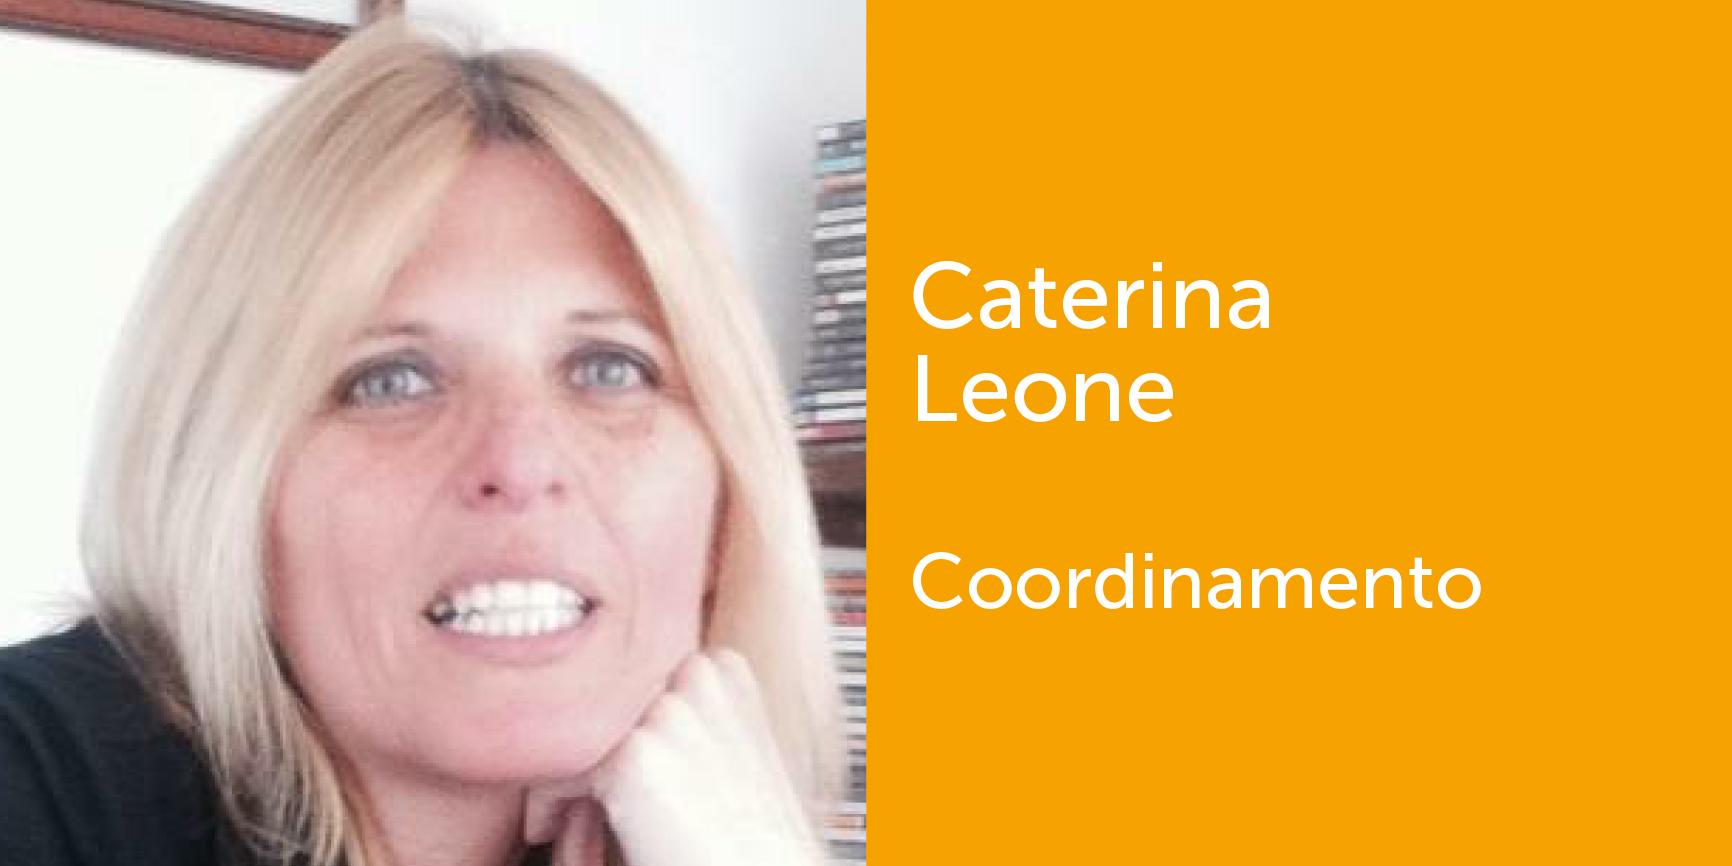 Caterina Leone - Coordinamento